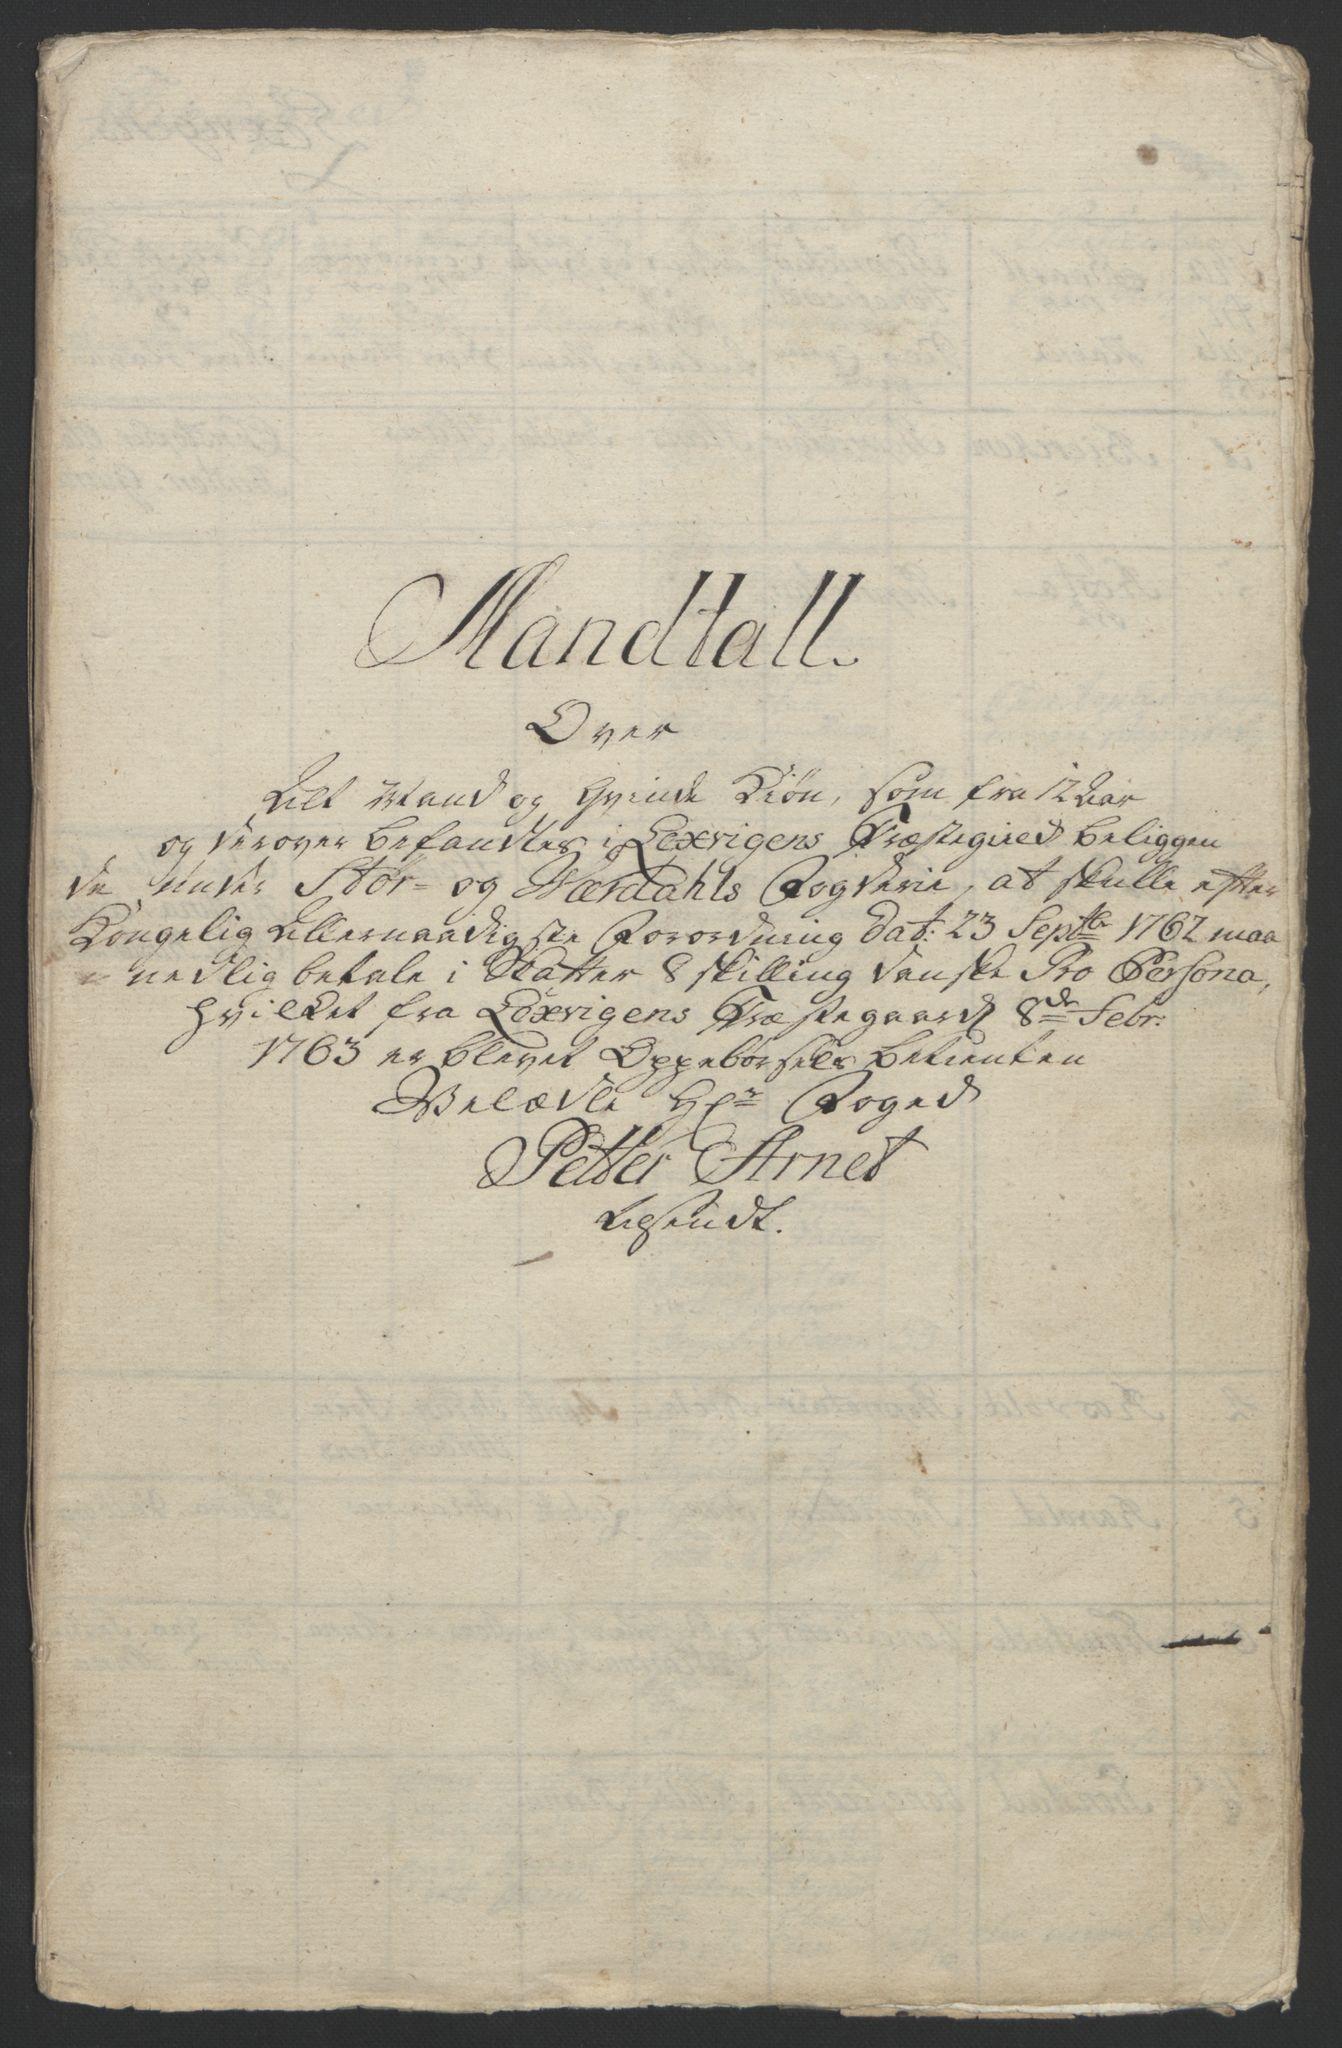 RA, Rentekammeret inntil 1814, Reviderte regnskaper, Fogderegnskap, R62/L4303: Ekstraskatten Stjørdal og Verdal, 1762-1763, s. 190